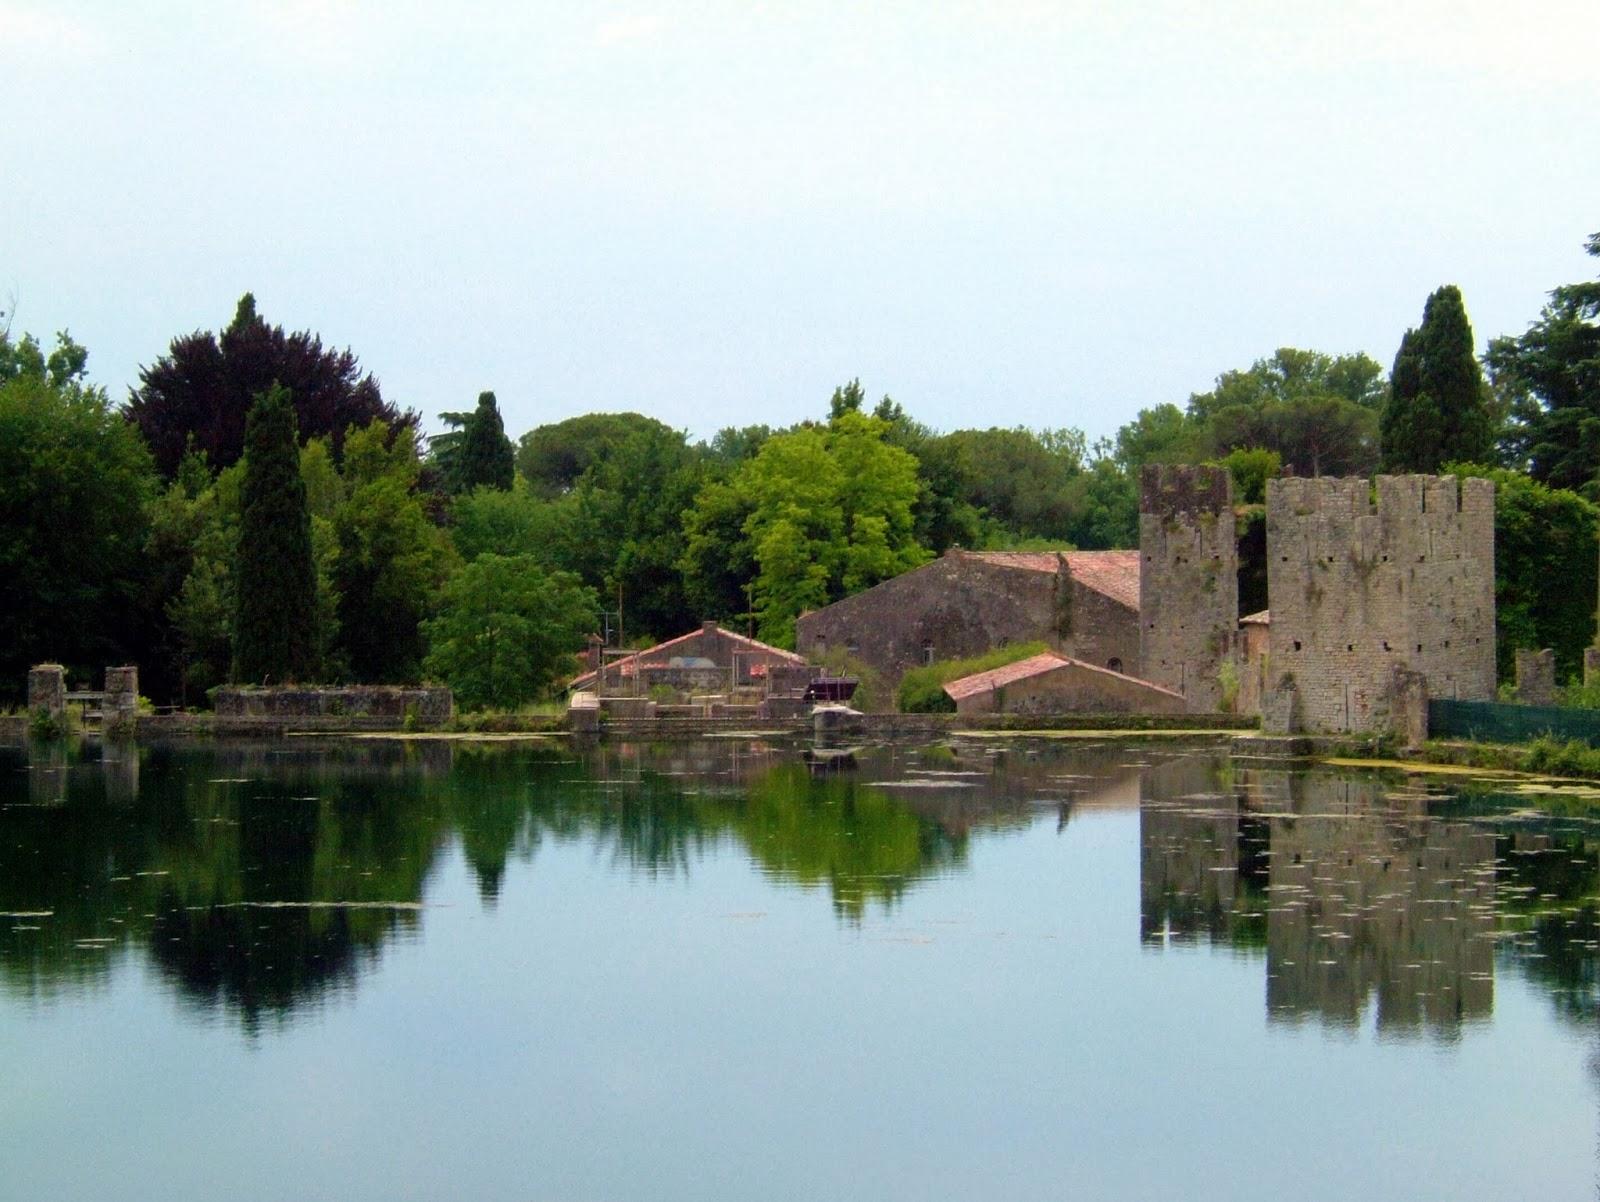 Lago no Jardim de Ninfa